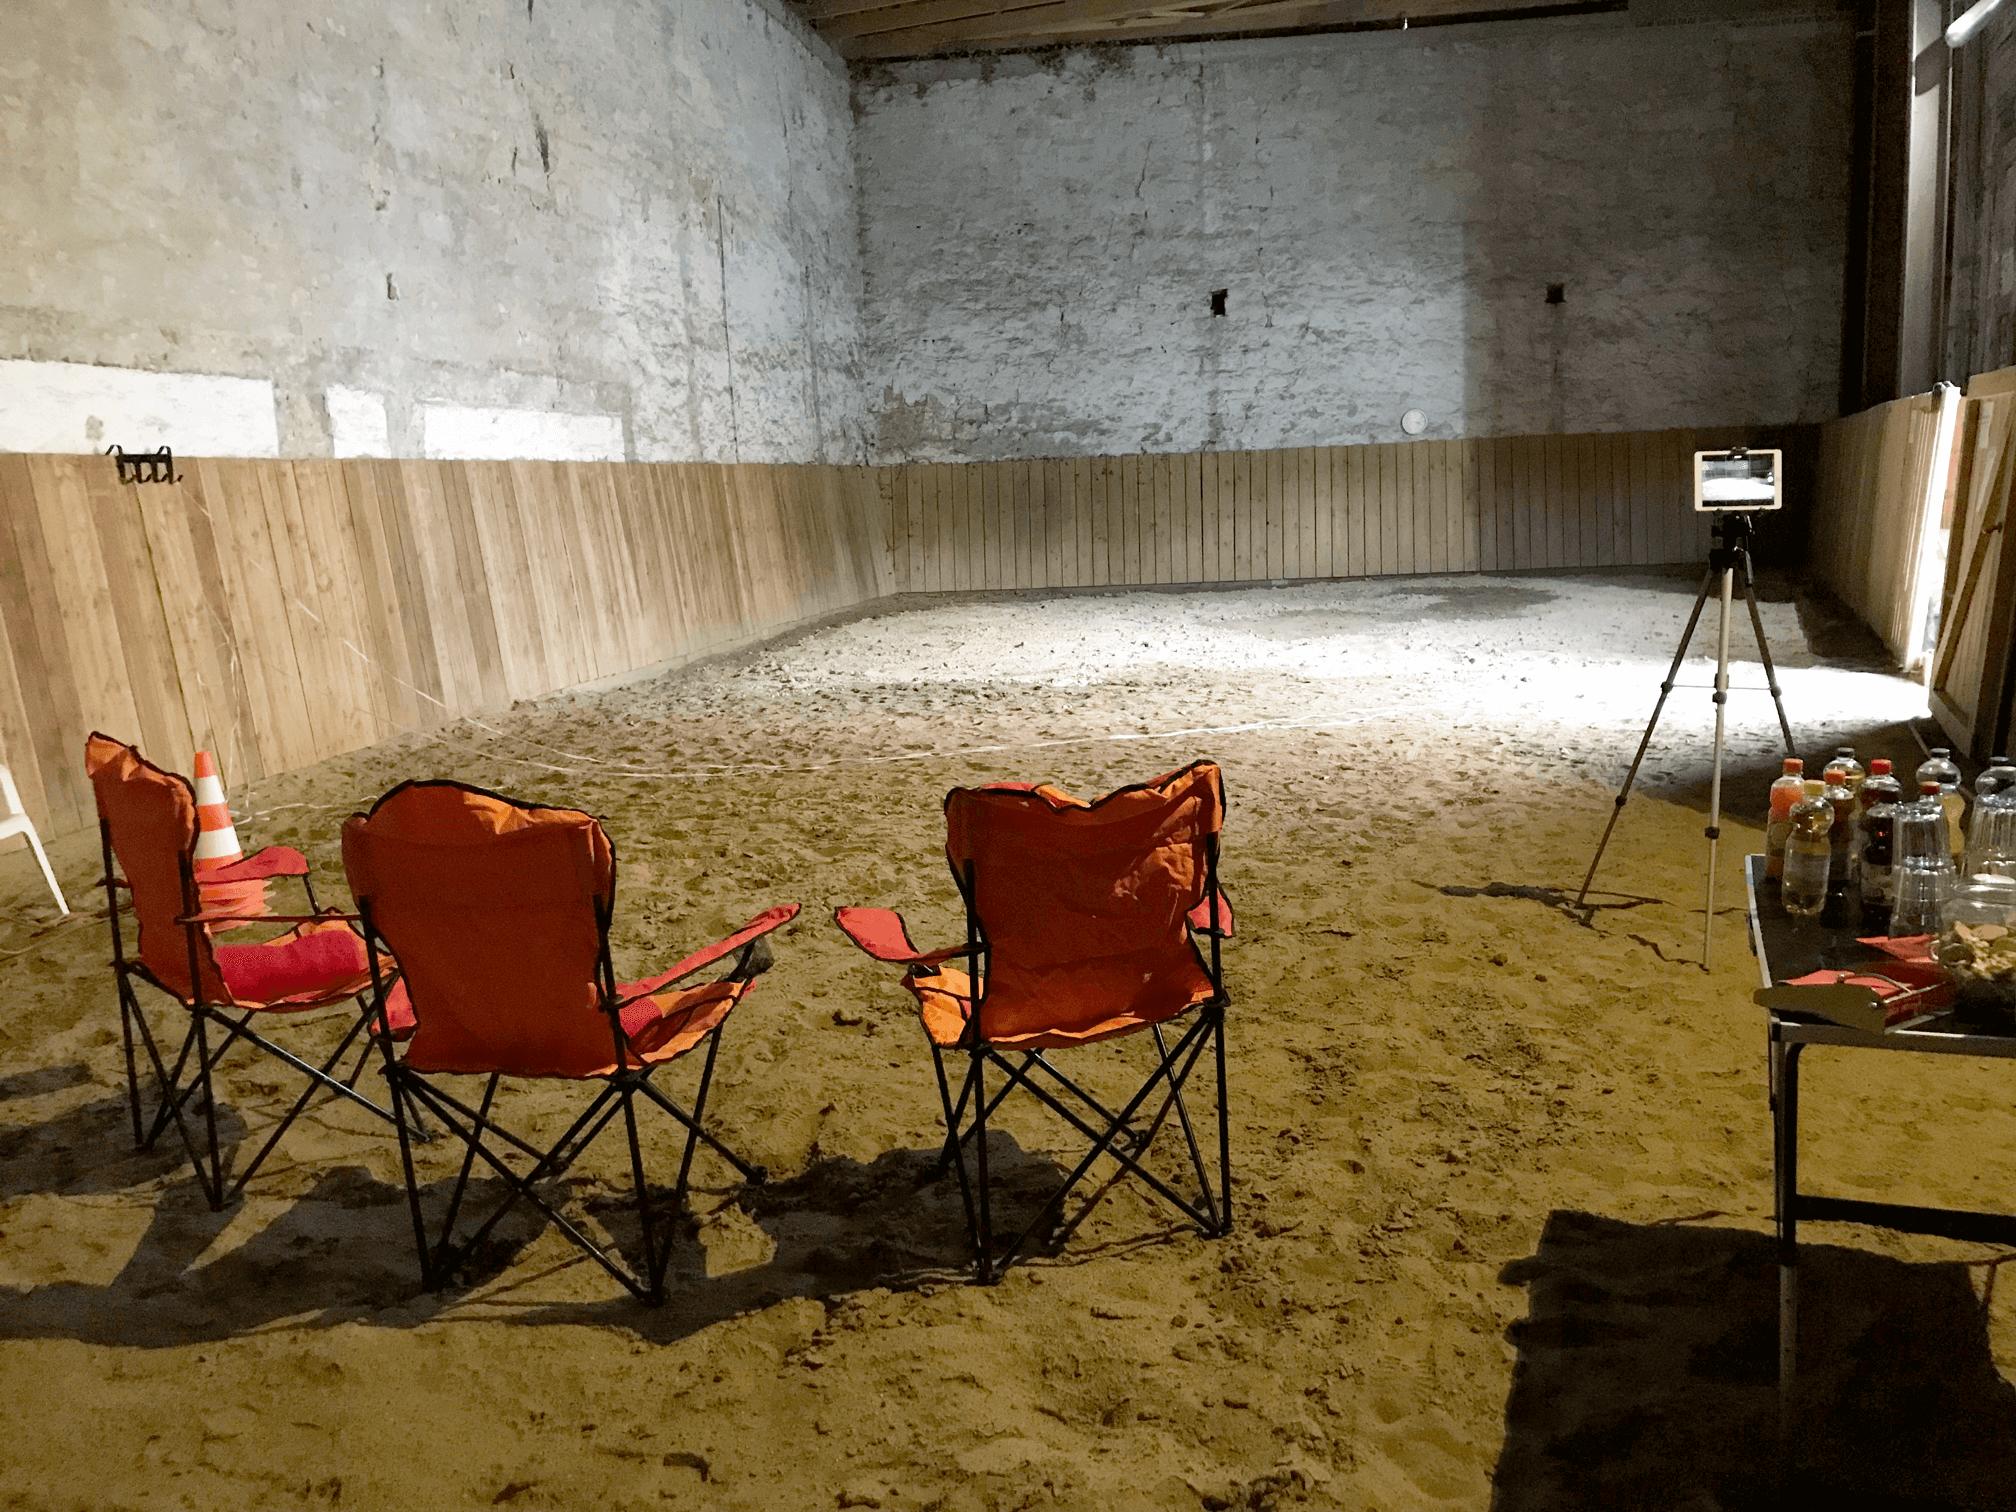 Team Event / Team Training | Coaching mit Pferden Harz, pferdegestütztes Coaching, Pferdegestütztes Training, Seminare mit Pferden